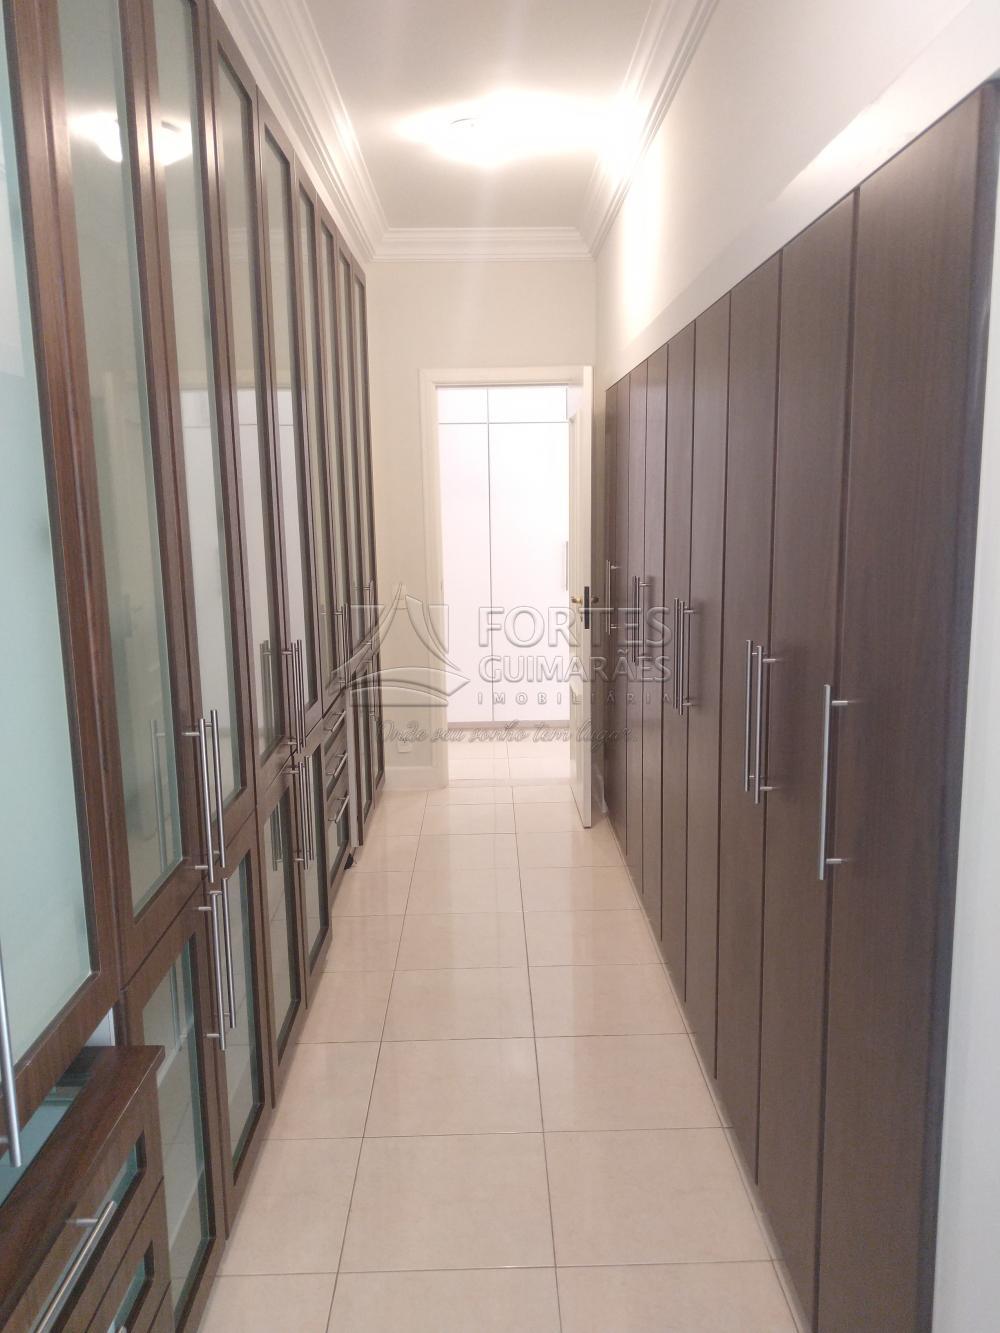 Alugar Apartamentos / Padrão em Ribeirão Preto apenas R$ 3.000,00 - Foto 45